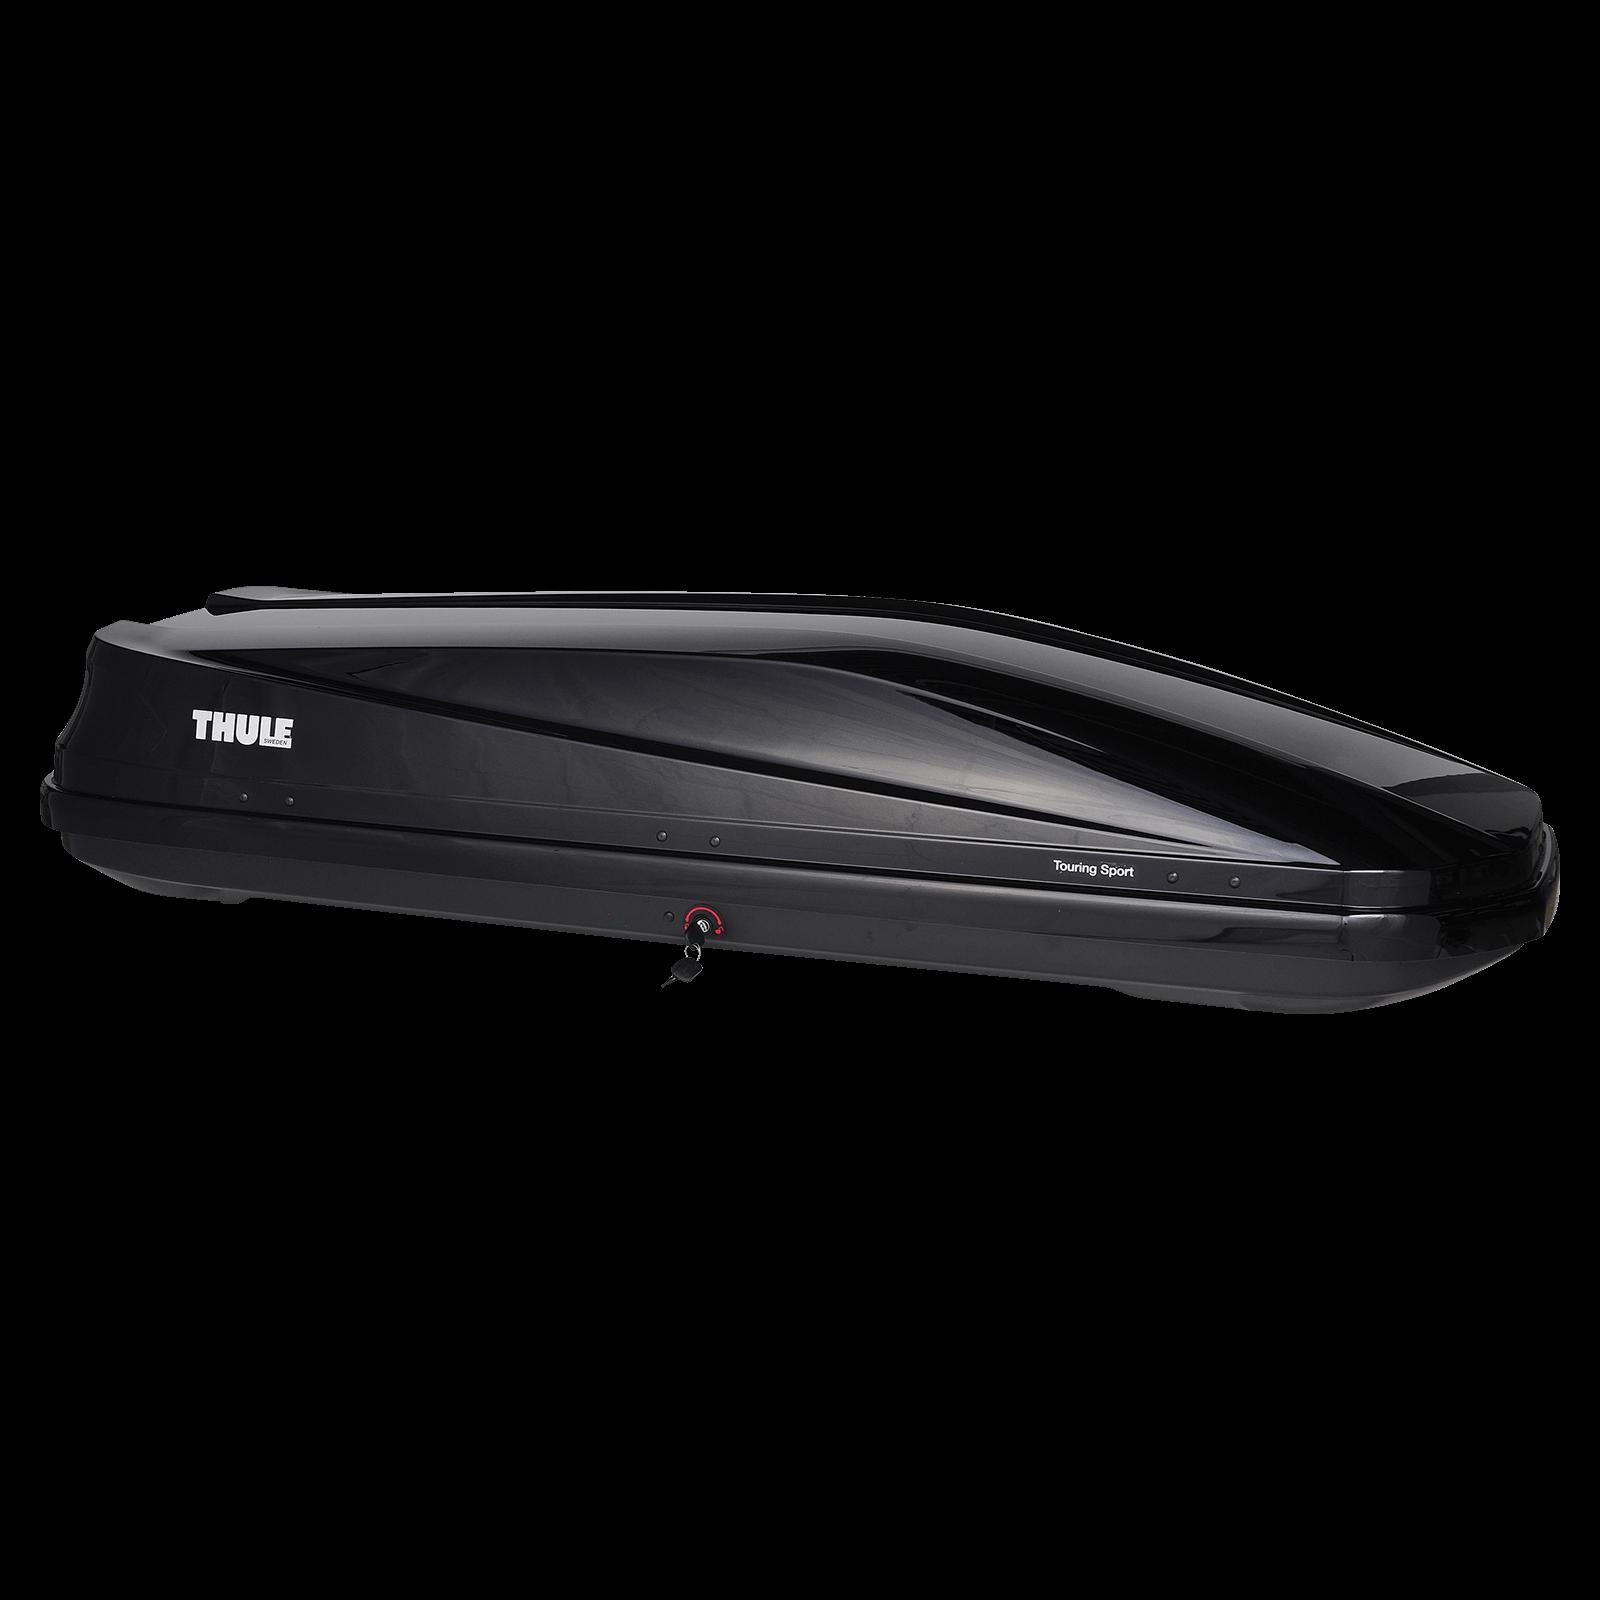 Dachbox Thule Touring Sport schwarz, glänzend -...